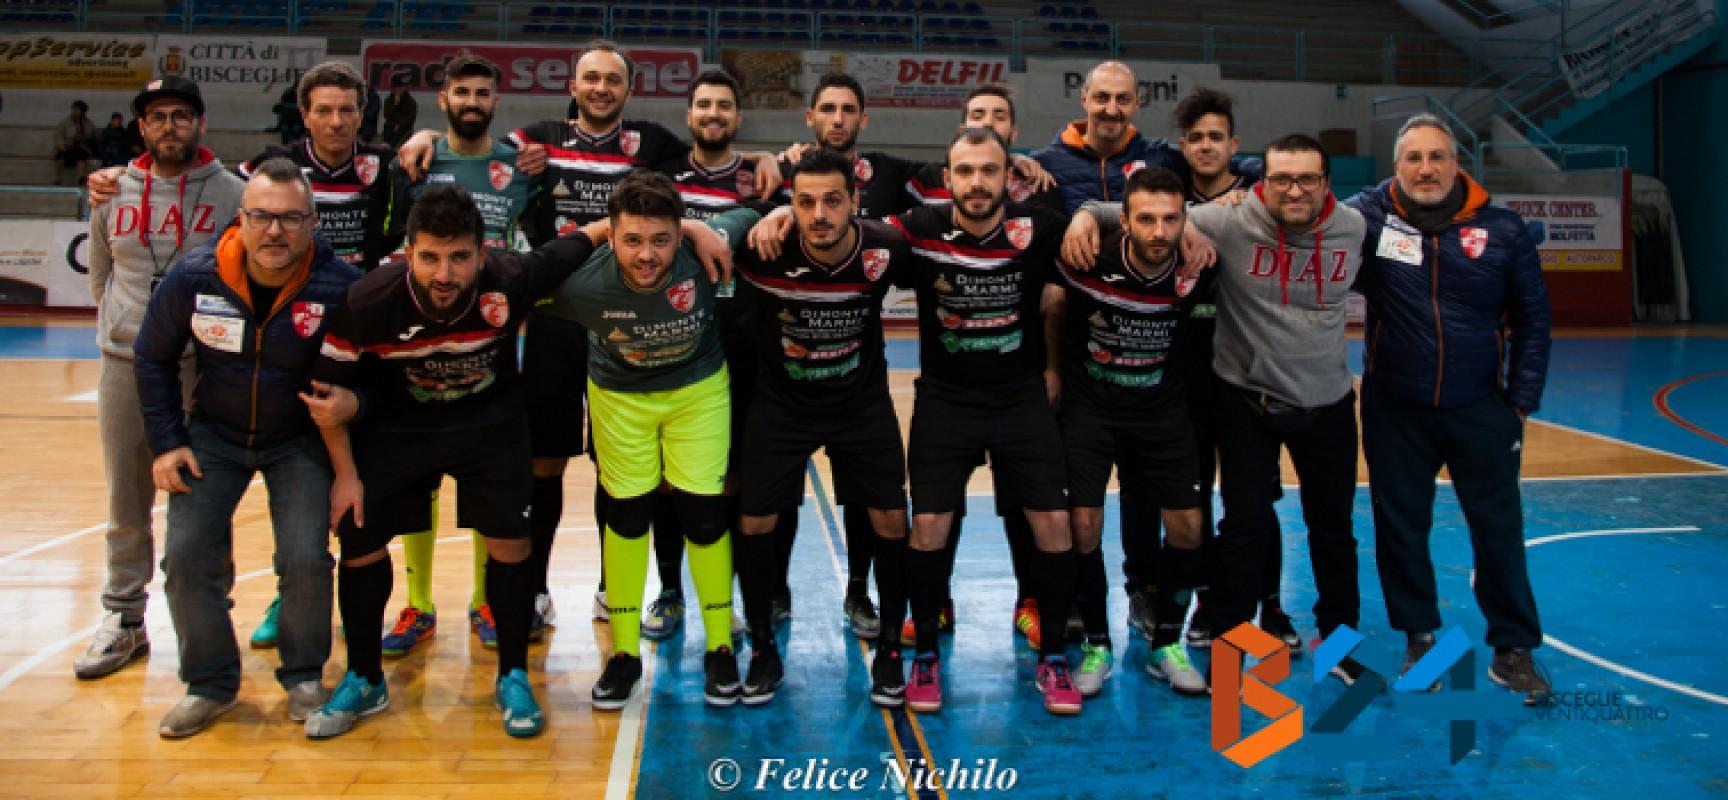 Futsal serie C1: trasferte impegnative per Diaz e Nettuno